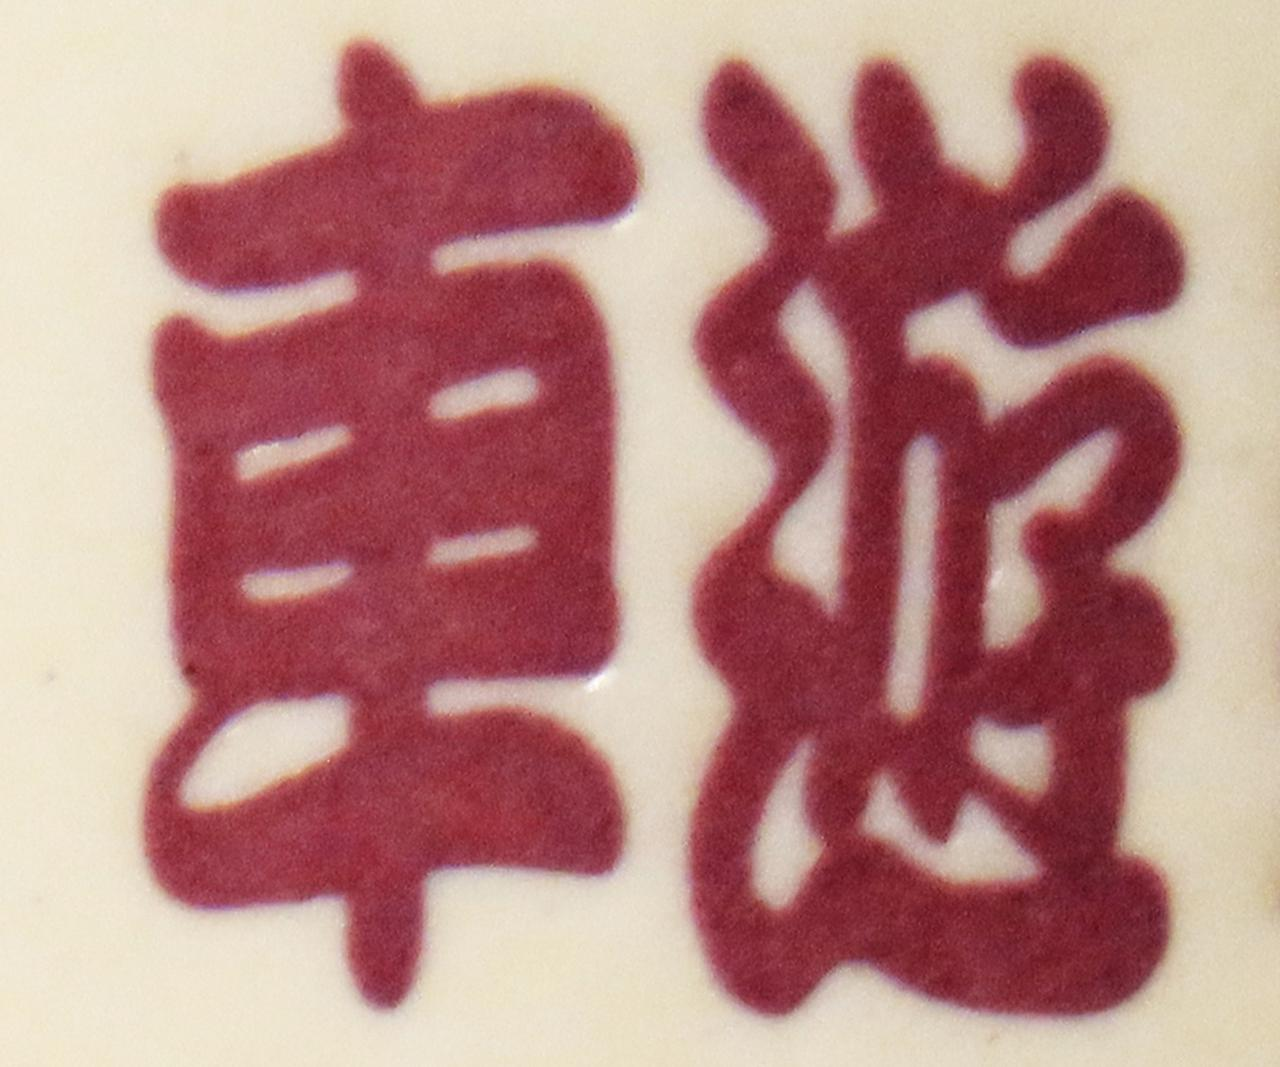 画像10: スズキ「湯呑」の2020年モデルはハイグリップ化に成功!? 創作漢字クイズもあるよ!【スズキ アルティメットクイズ③/難易度☆☆】